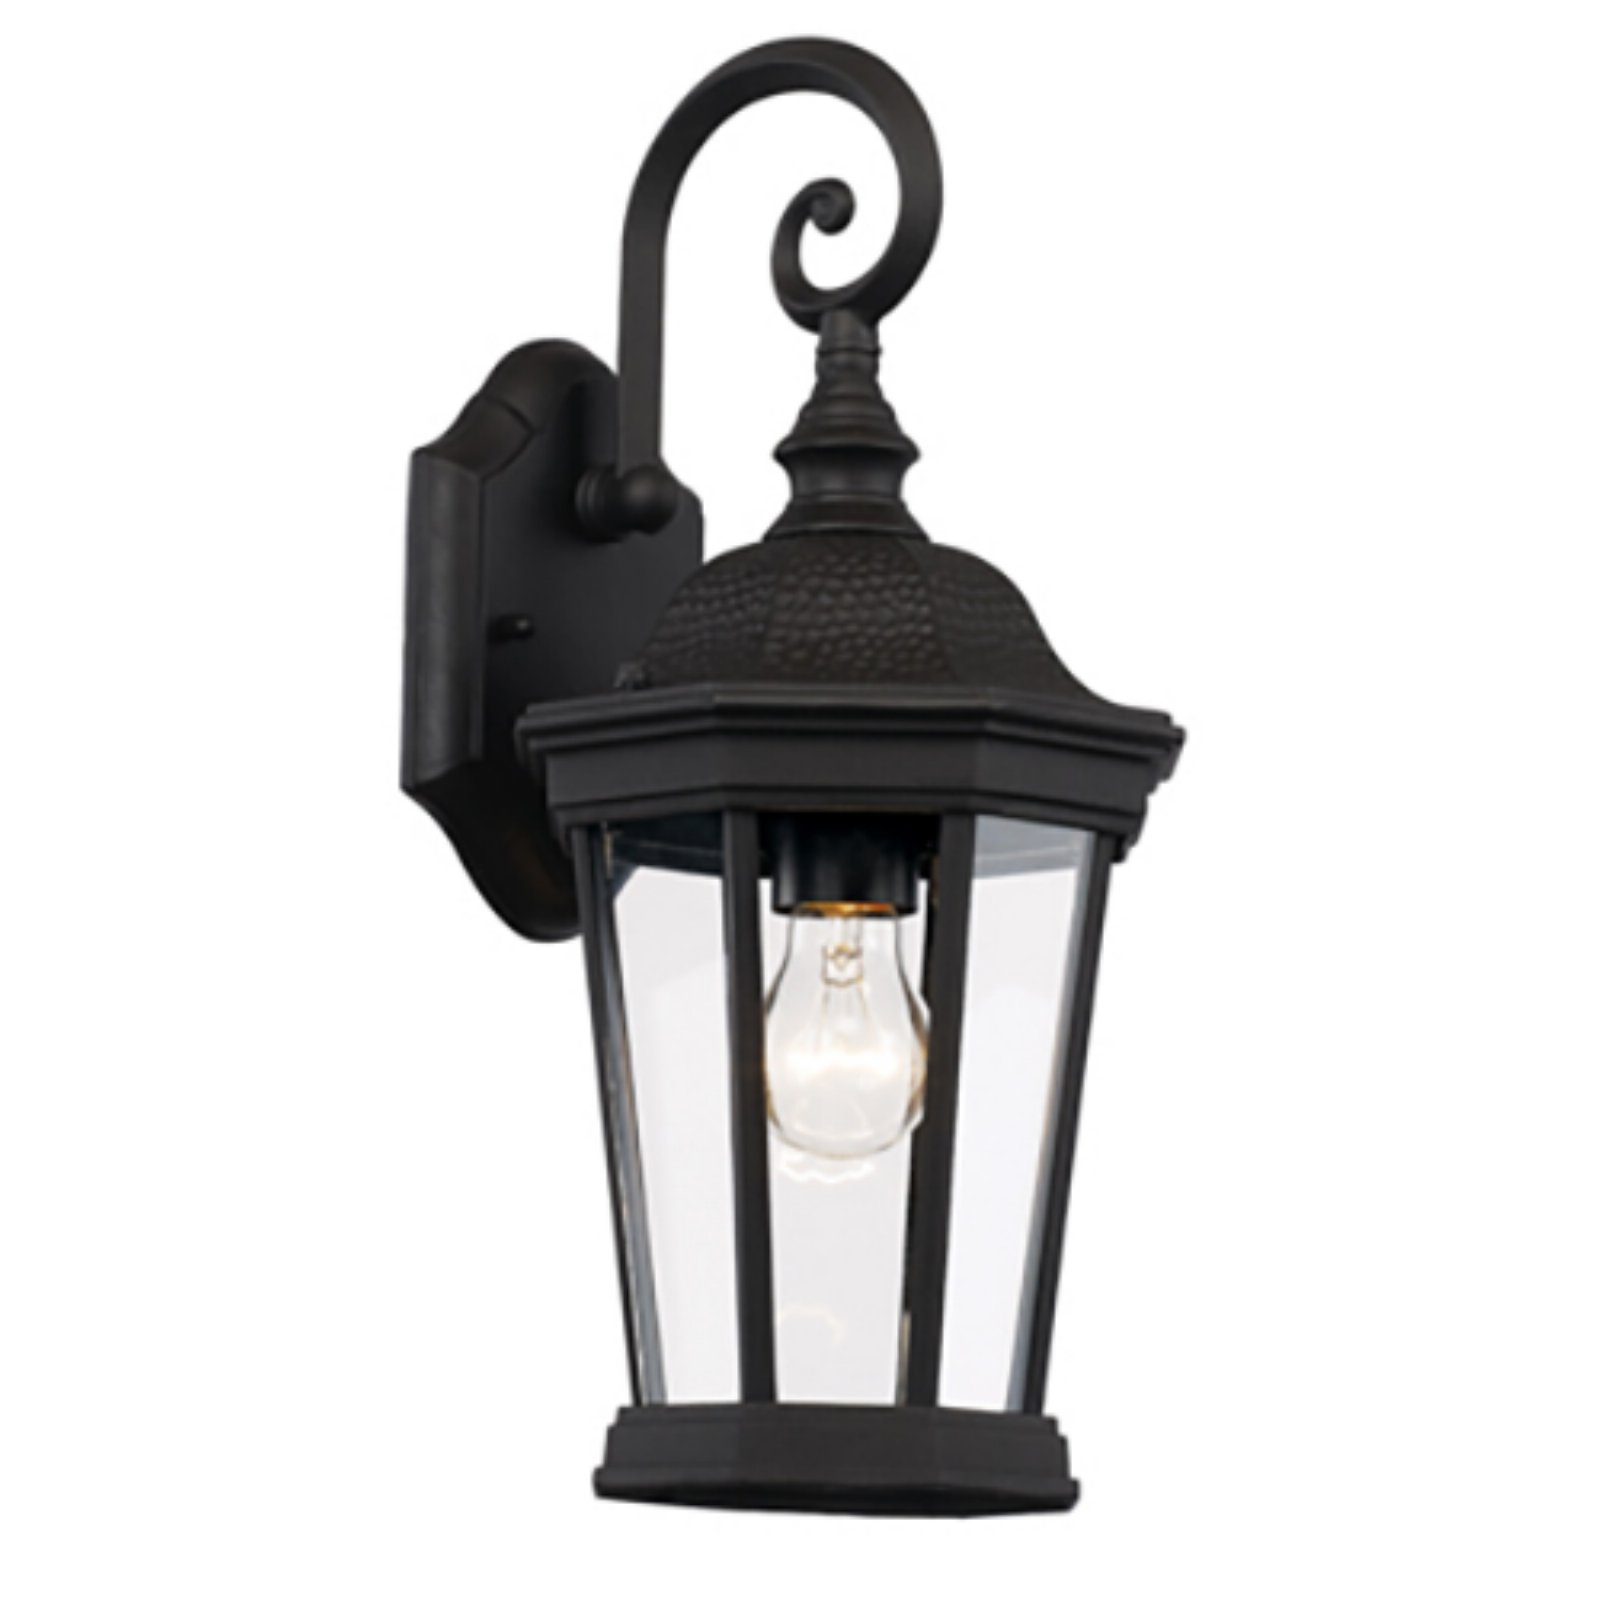 Trans Globe Lighting Westfield 40400 BK Outdoor Wall Lantern